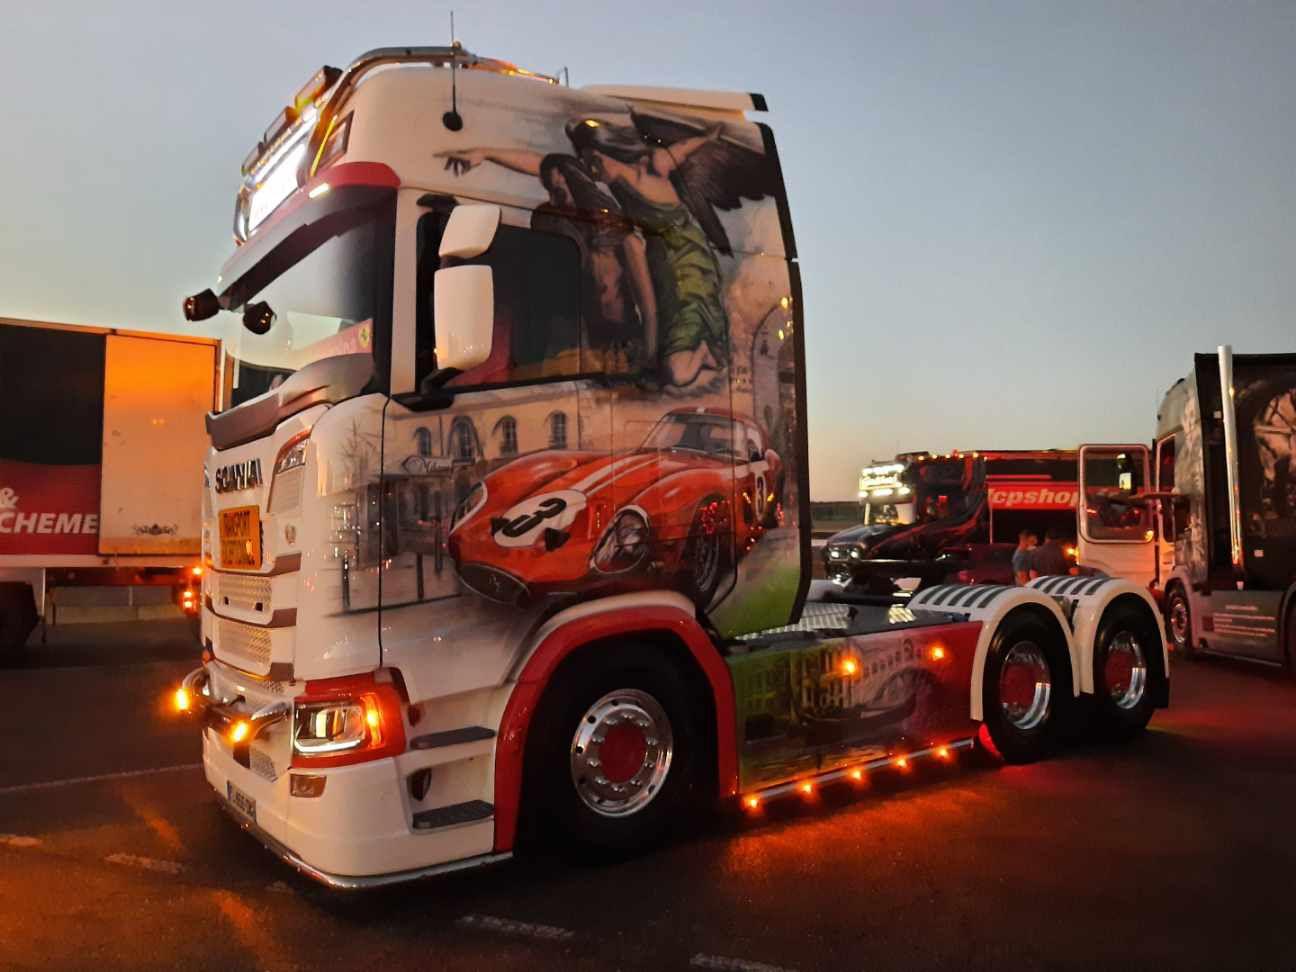 Camion décoré à l'aérographe